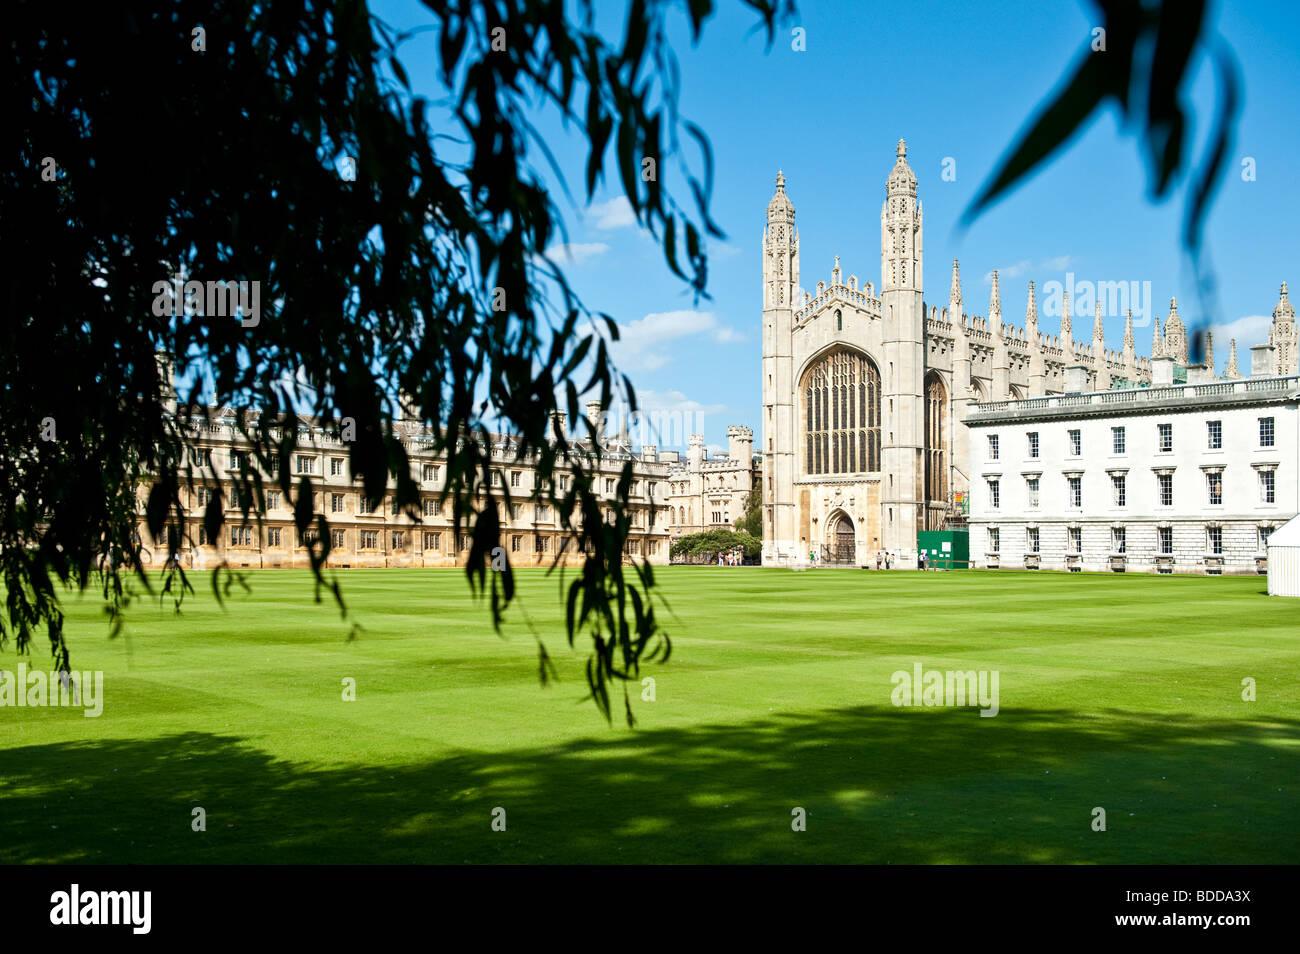 Trinity College Chapel, Cambridge - Stock Image